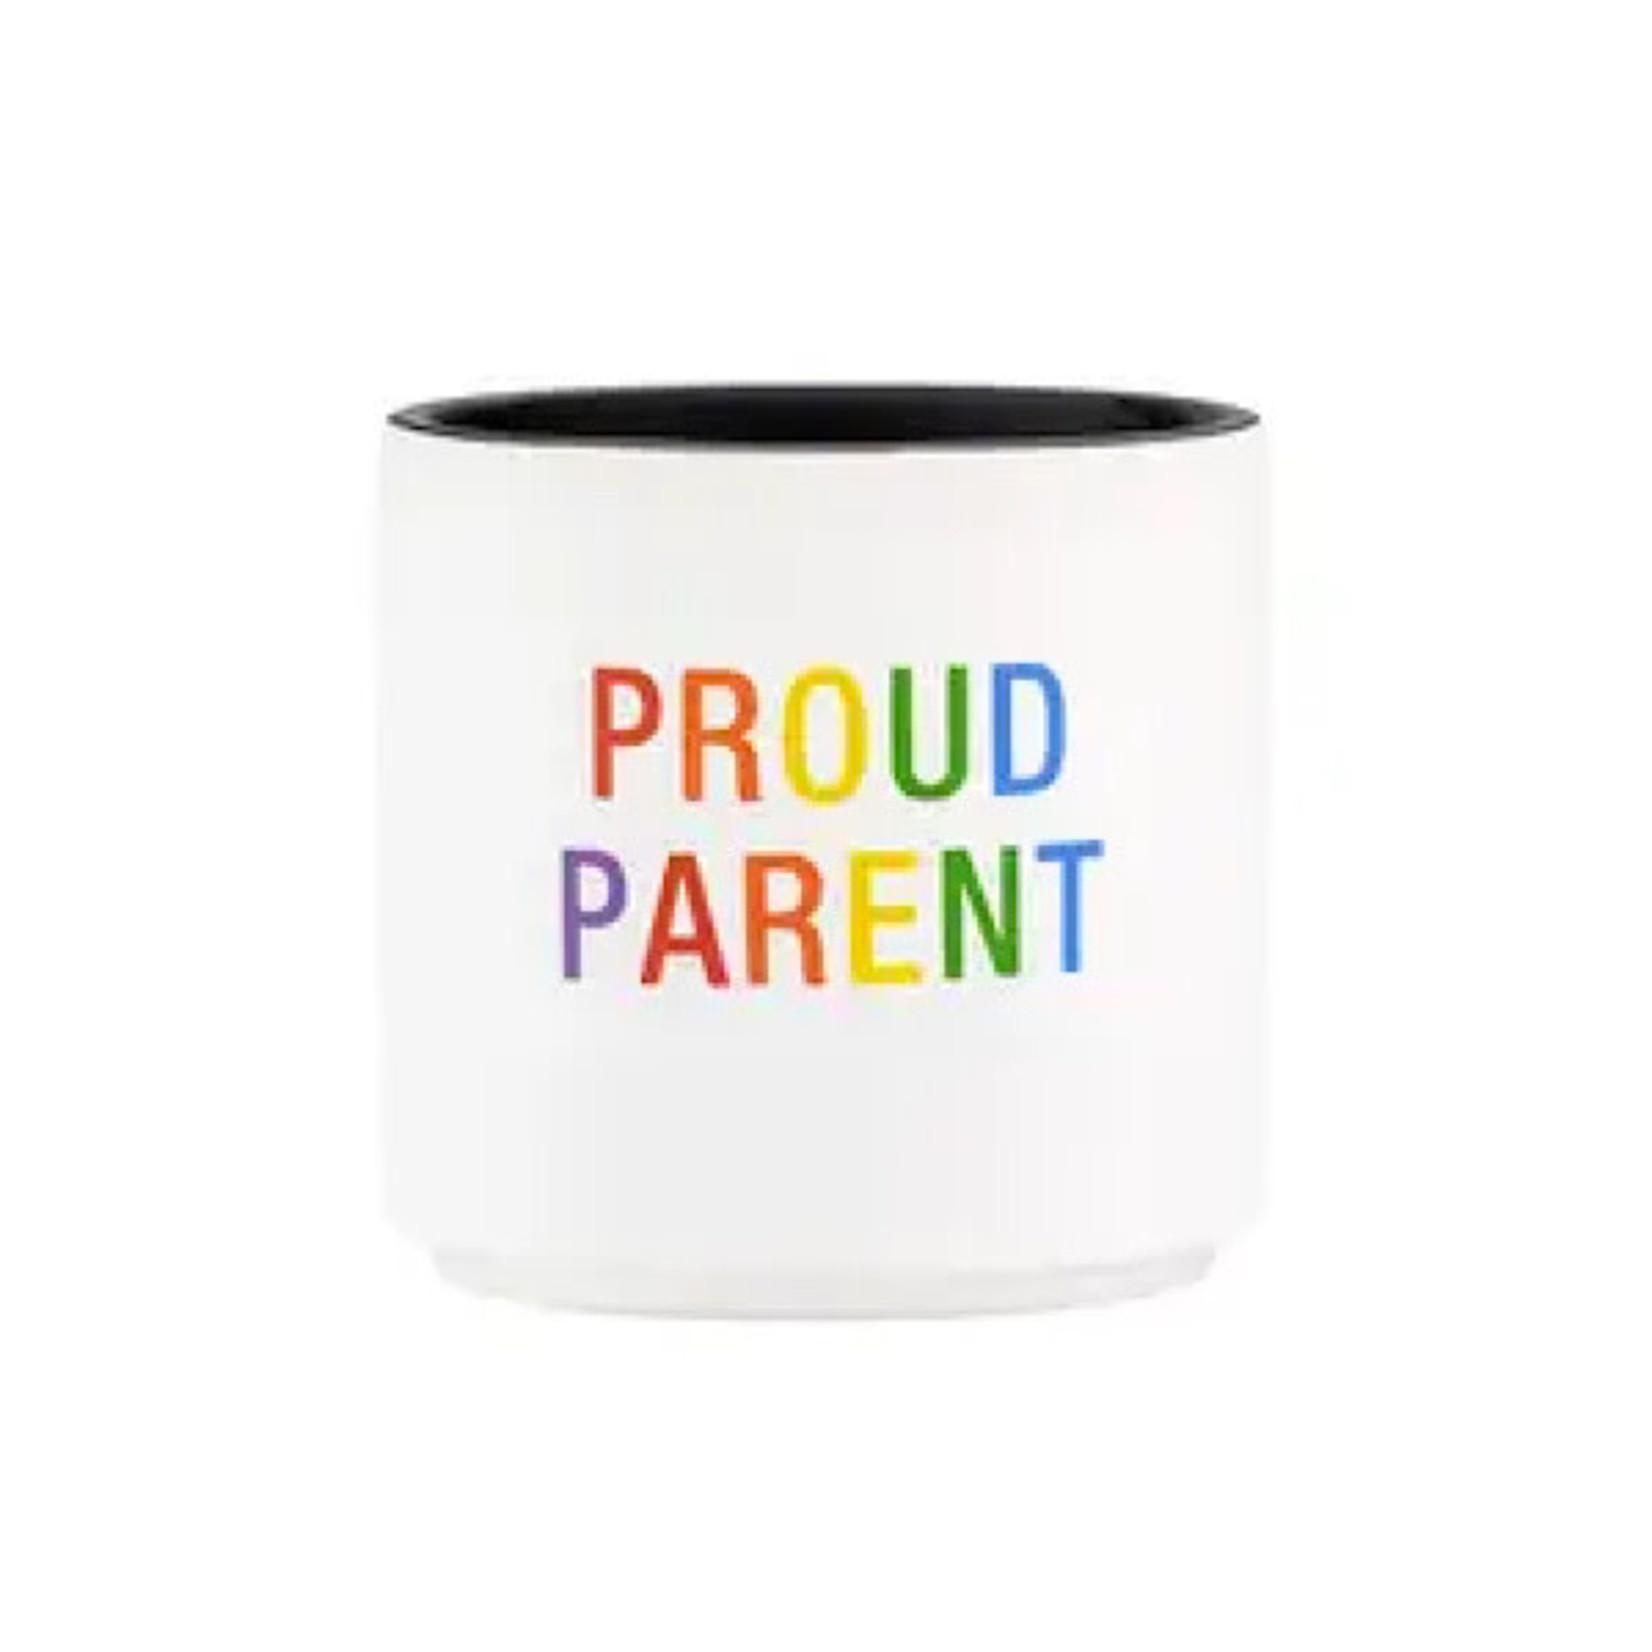 Planter - Proud Parent